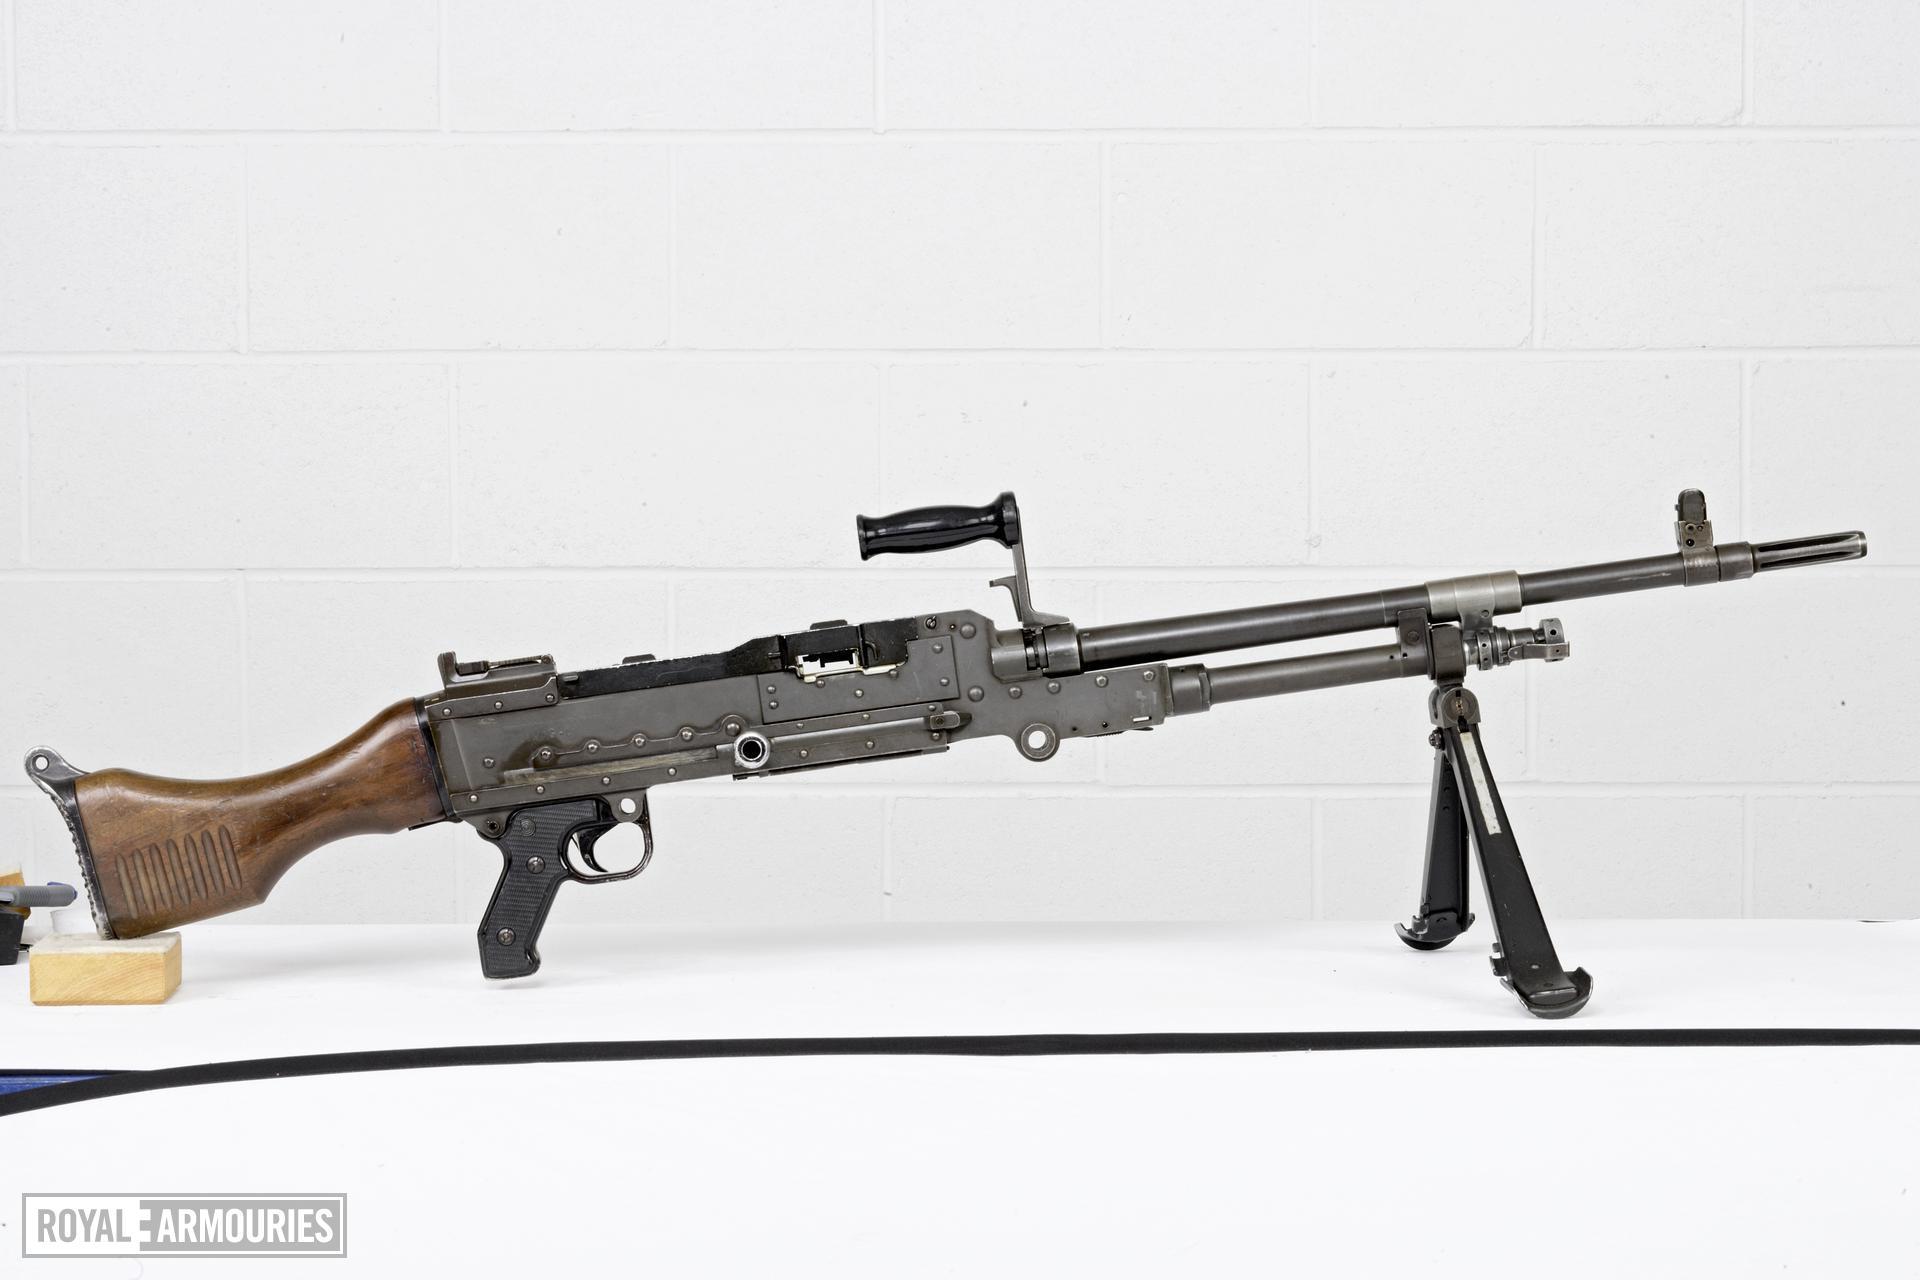 Centrefire automatic machine gun - FN MAG58